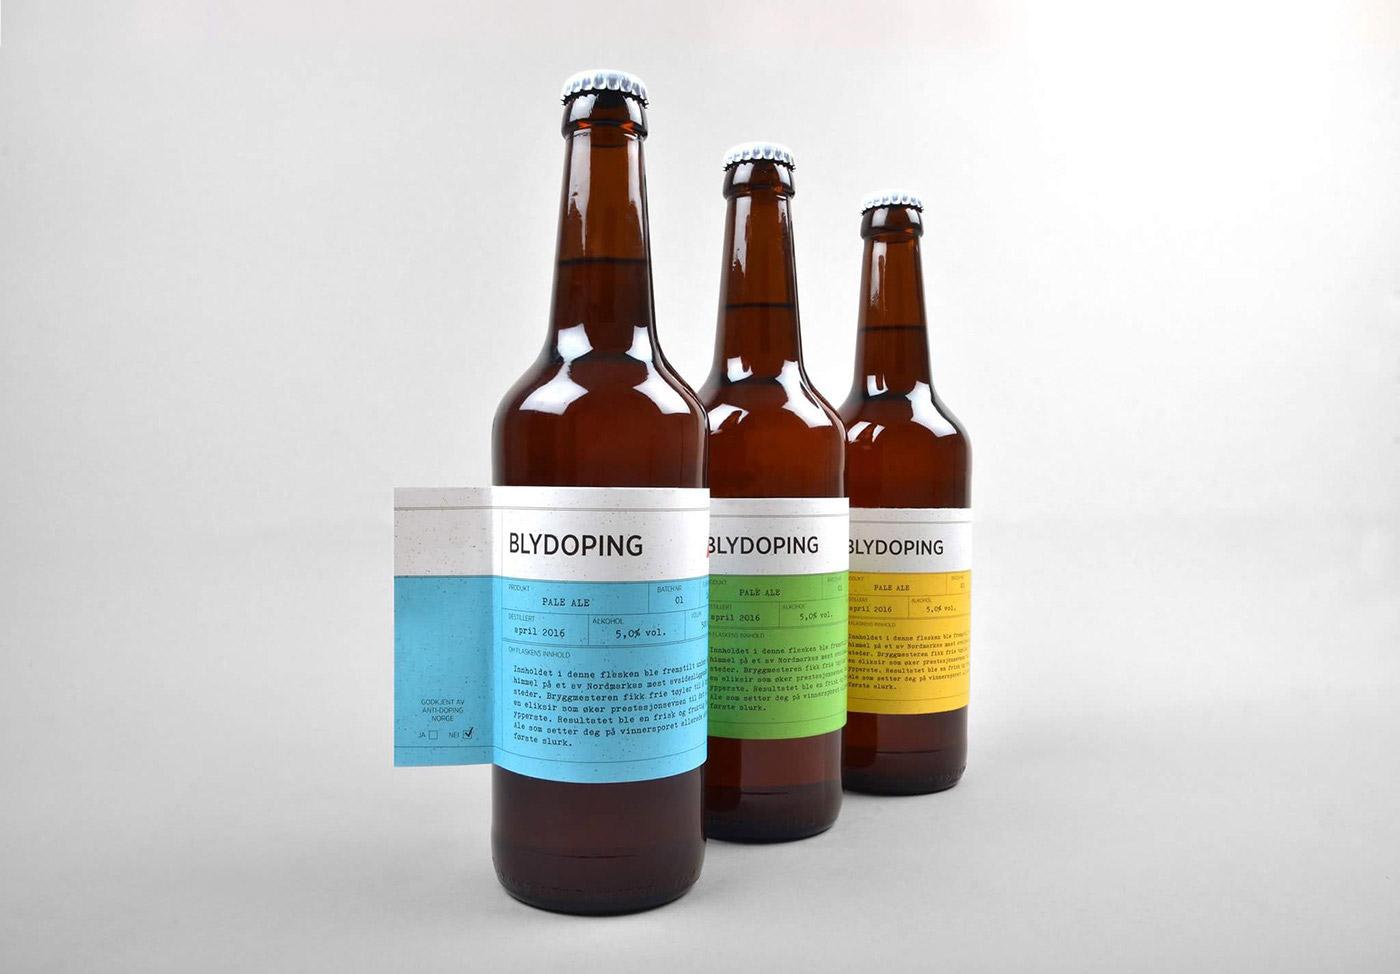 Blydoping-Beer-Labels-design-mindsparkle-mag-1.jpg